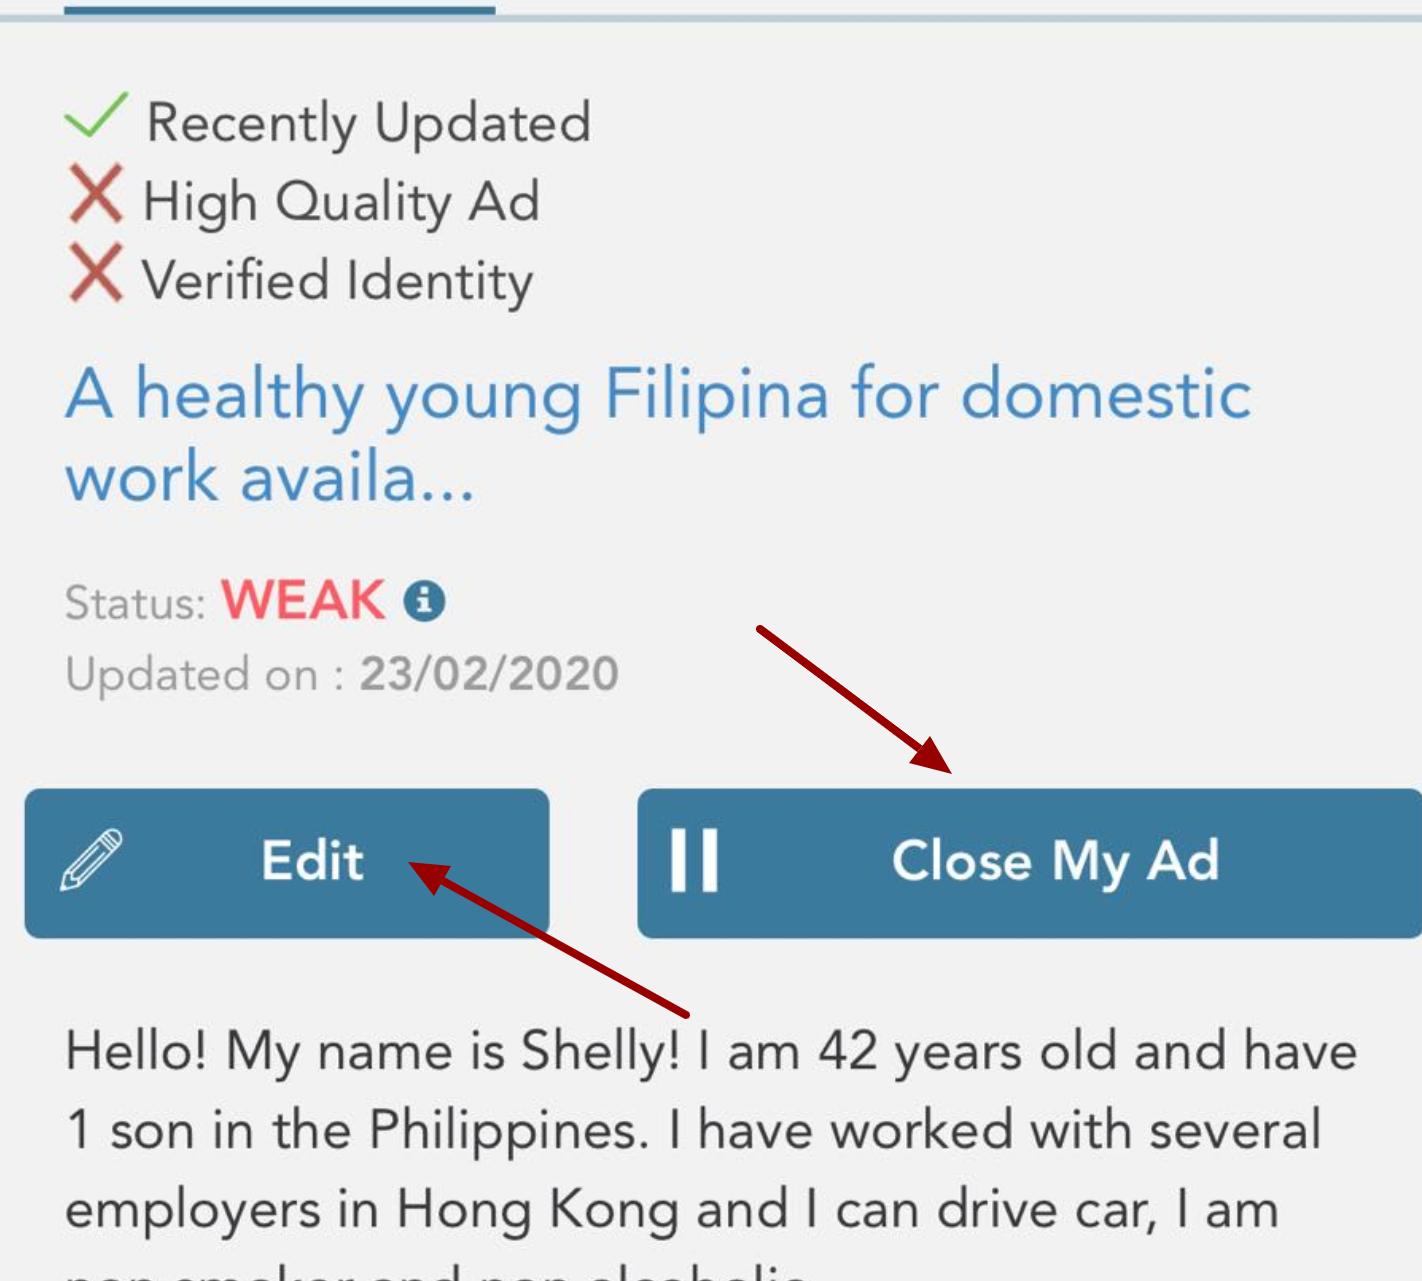 click close my ad